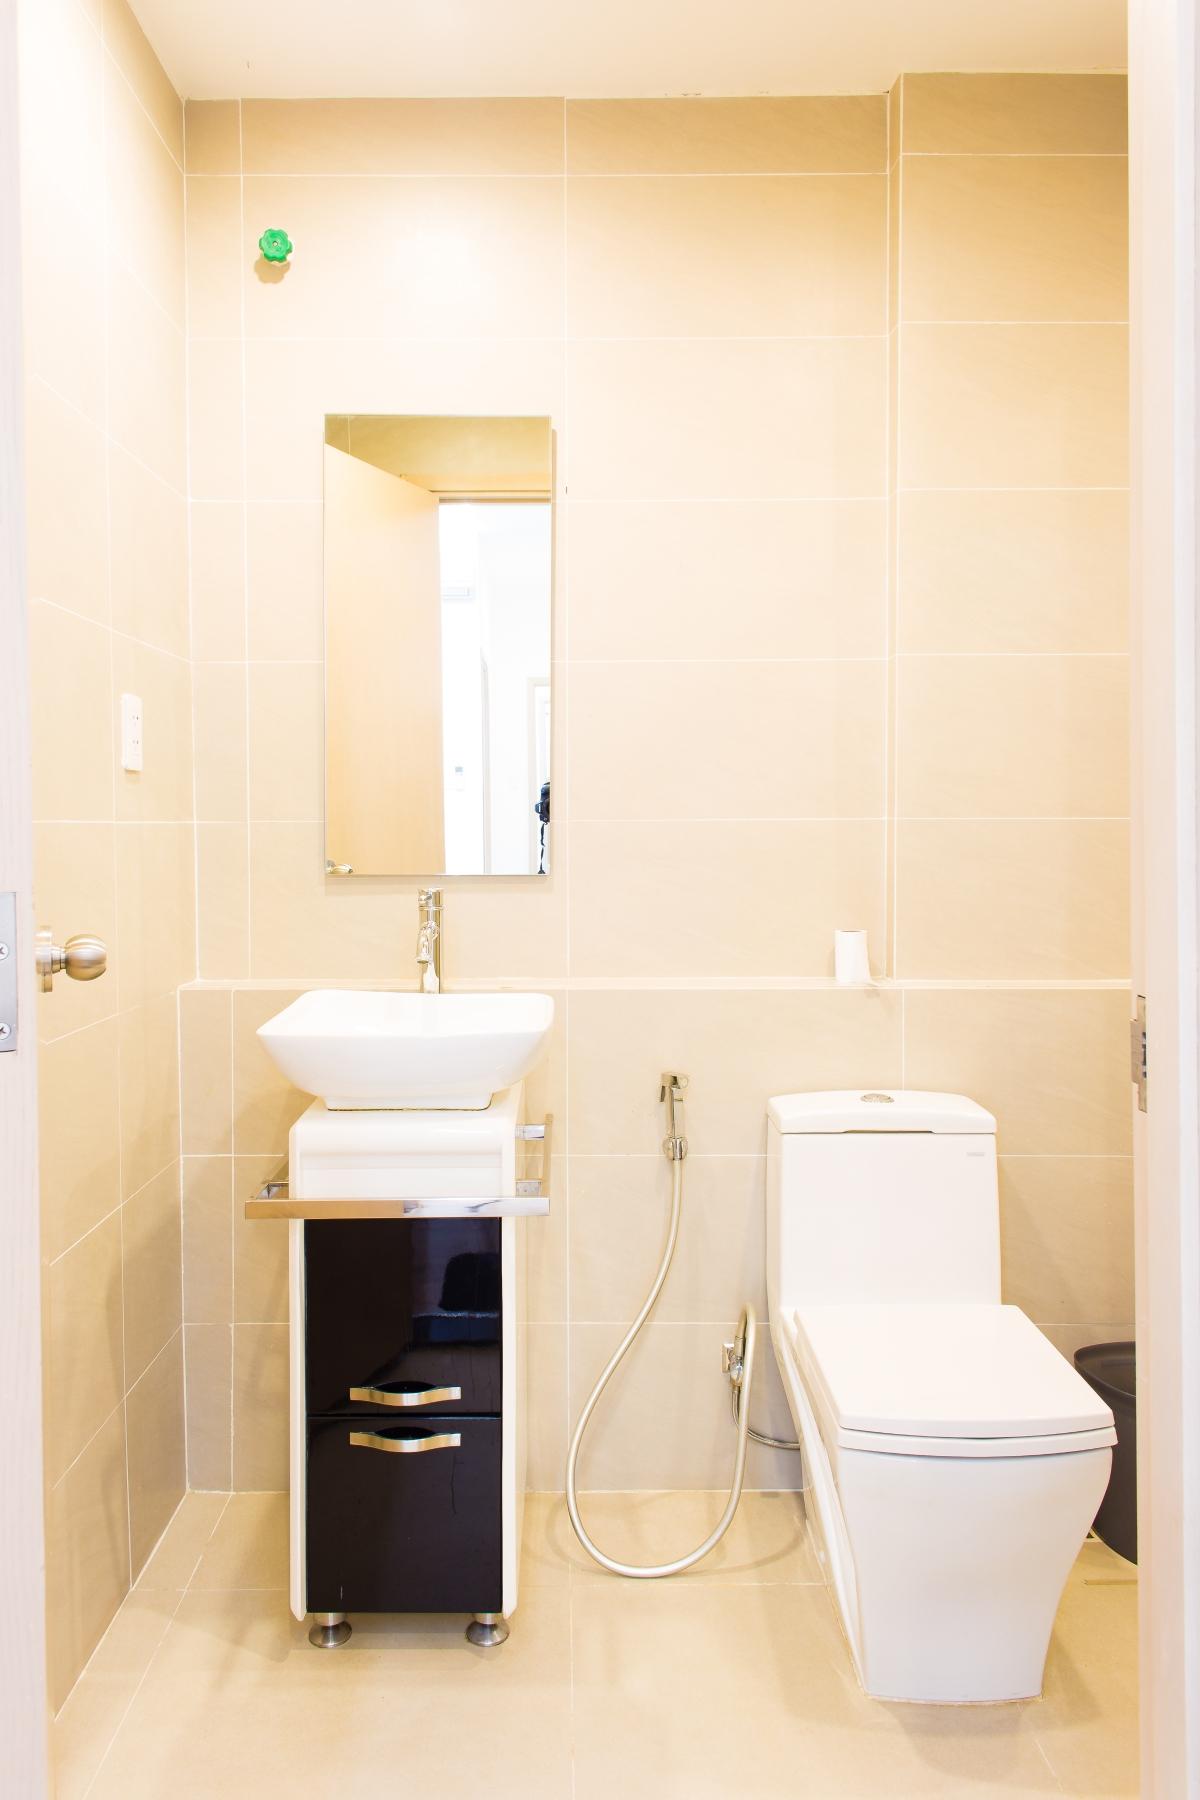 Nhà vệ sinh căn hộ hướng Bắc SEM Residence. Căn hộ hướng Bắc SEM Residence